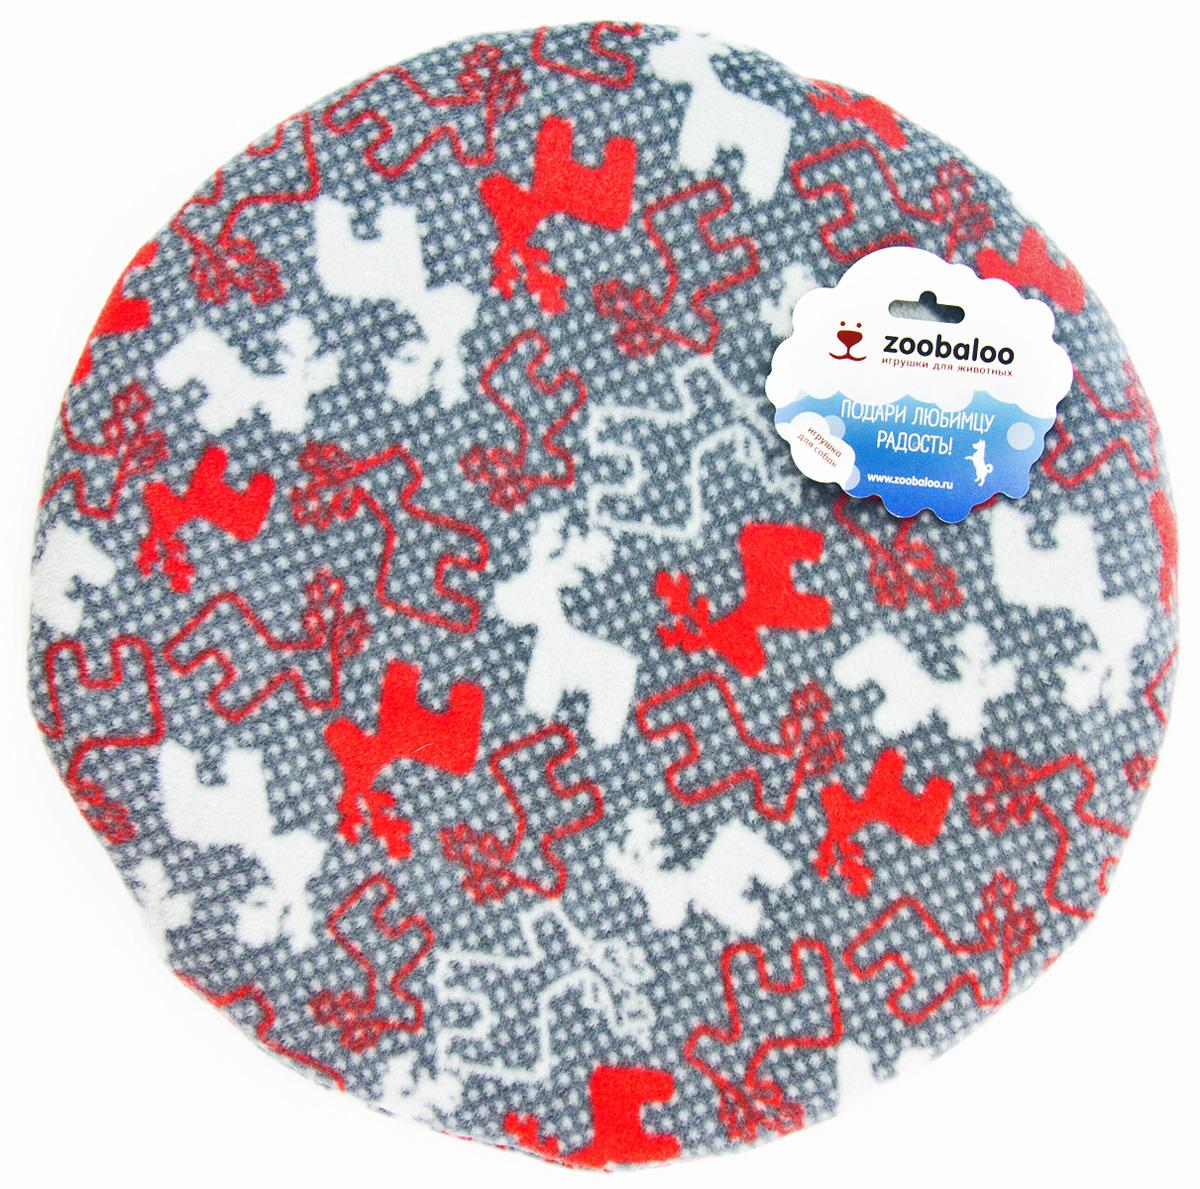 Лежак-коврик для животных Zoobaloo Олени, 50 х 50 см626RВеликолепный флисовый лежак-коврик Zoobaloo - это отличный аксессуар для вашего питомца, на котором можно спать, играться и снова, приятно устав, заснуть. Он идеально подходит для полов с любым покрытием. Изделиеподдерживает температурный баланс вашего питомца в любоевремя года. Наполнитель выполнен из синтепона.